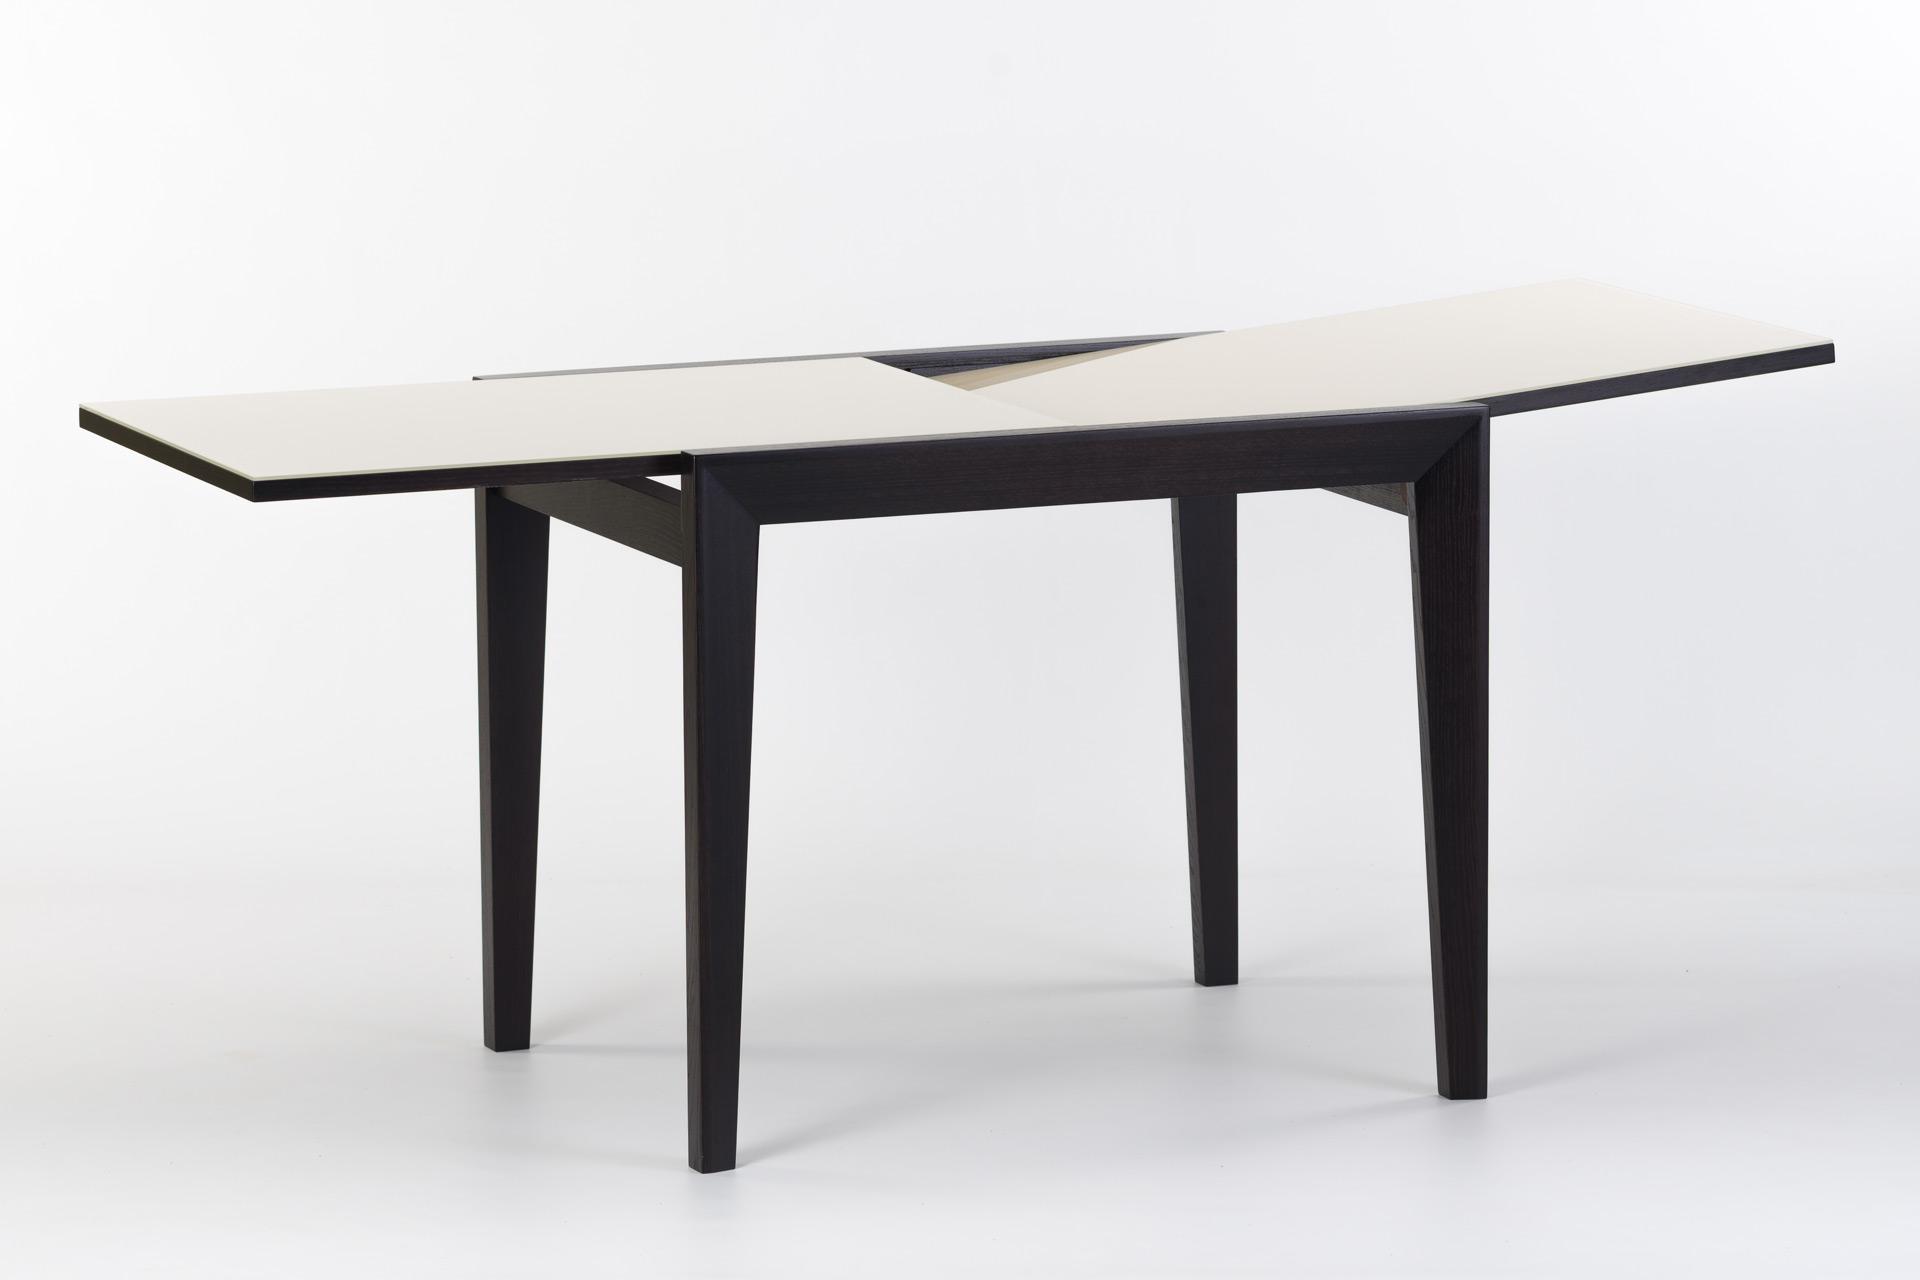 """Кухонный стол """"Фаворит - 01 К2"""" - черные ножки и царга, прямоугольная белая стеклянная столешница (раскладной)"""